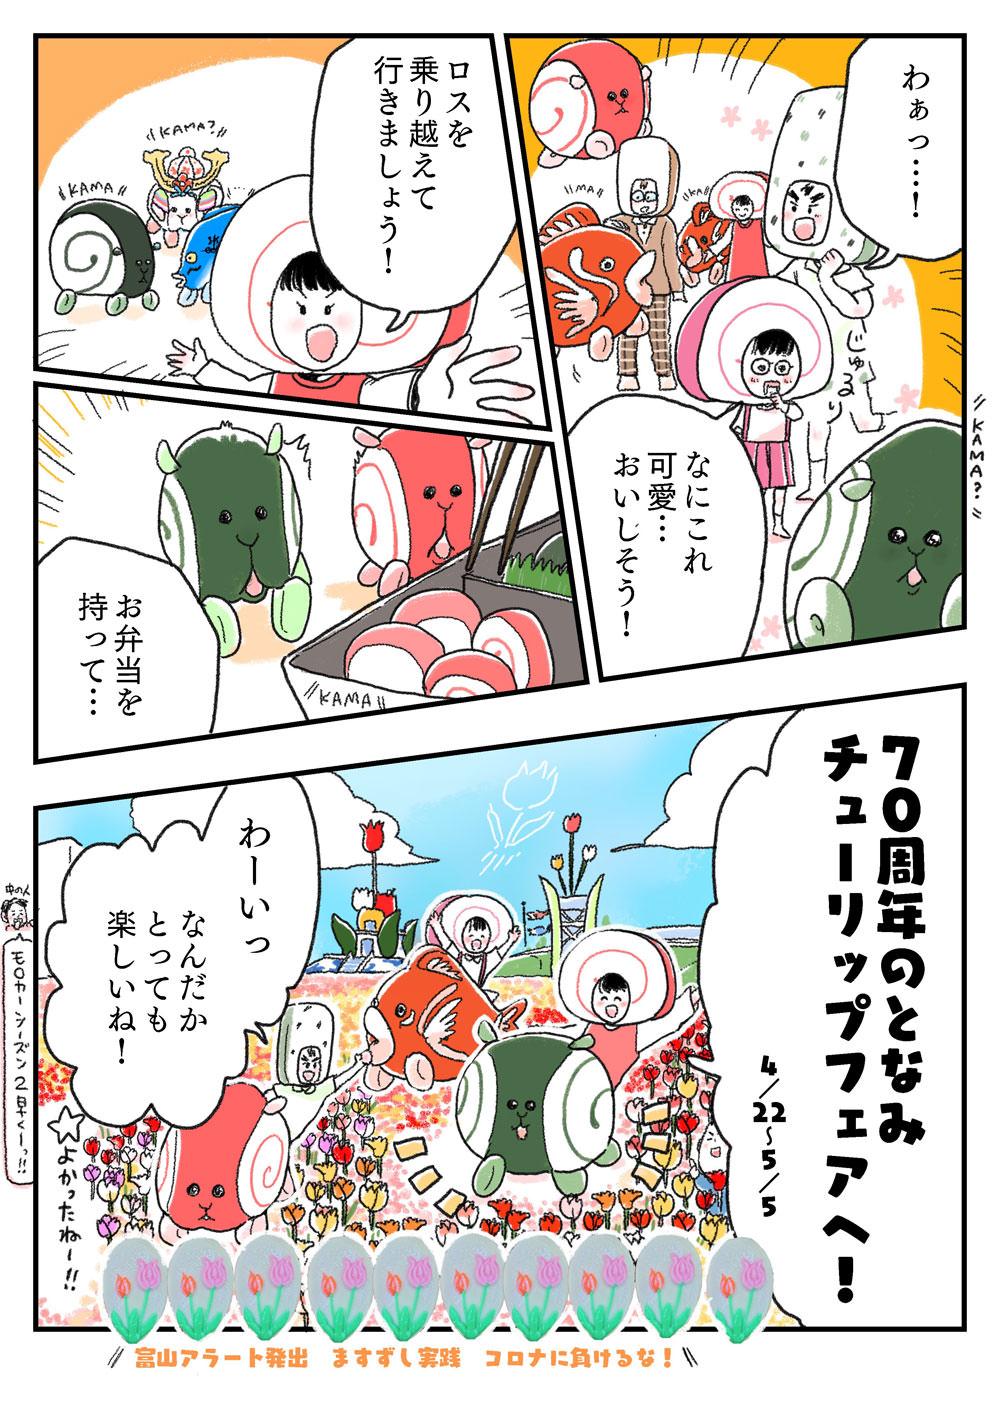 ウメカマンガ(巻) 5モル目 KAMA KAMA ウメカマー!かまぼこが車になって大騒動!